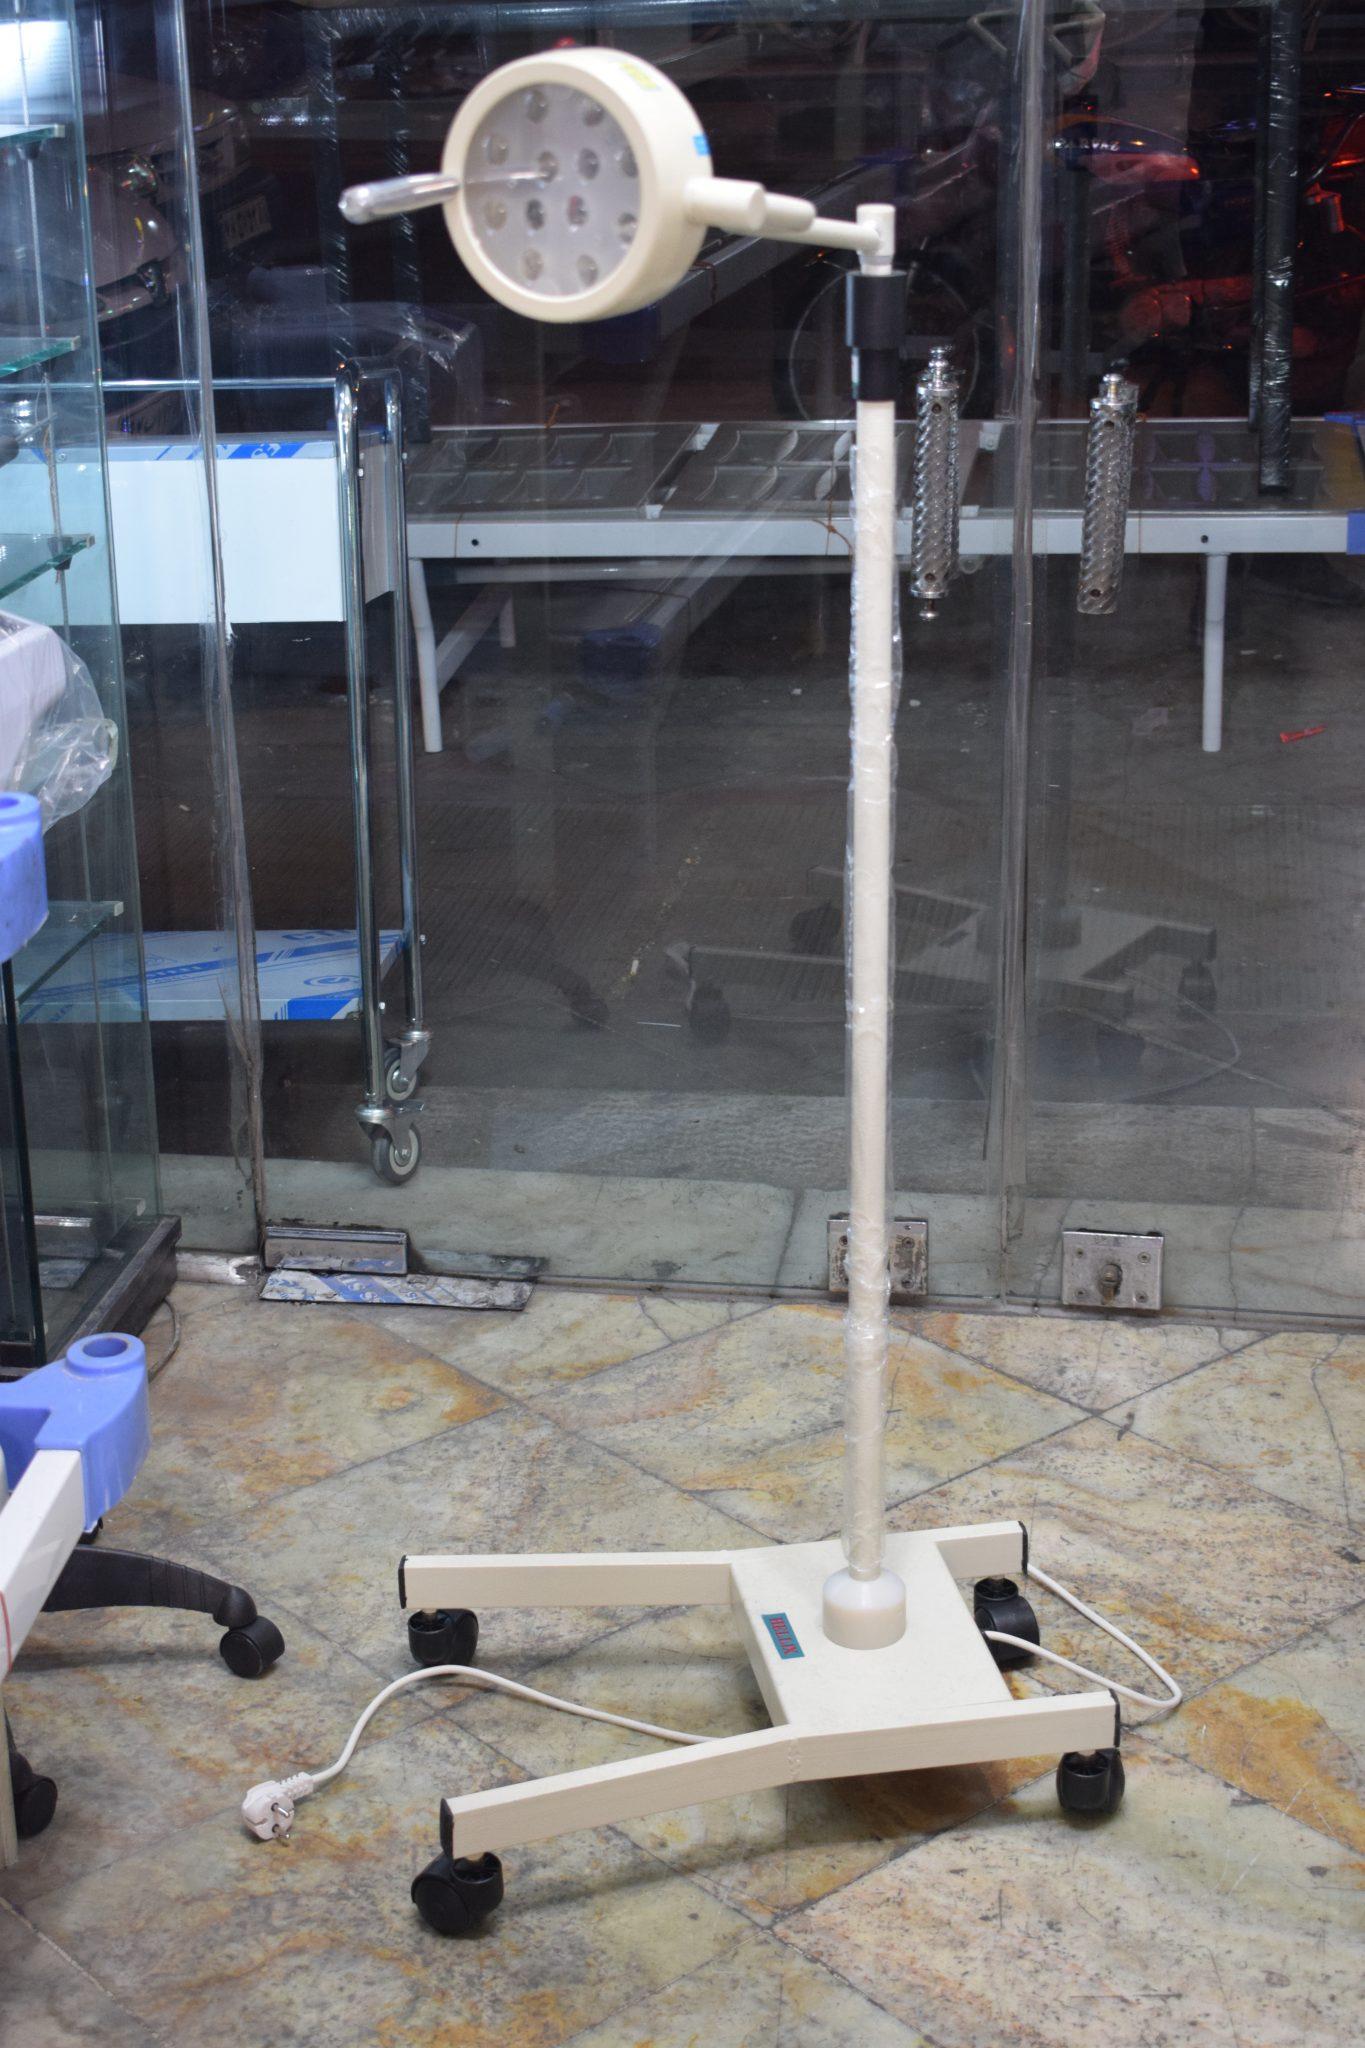 چراغ جراحی سیالیتیک جهت کاشت مو بلفارو عمل های زیبایی ۶۰وات